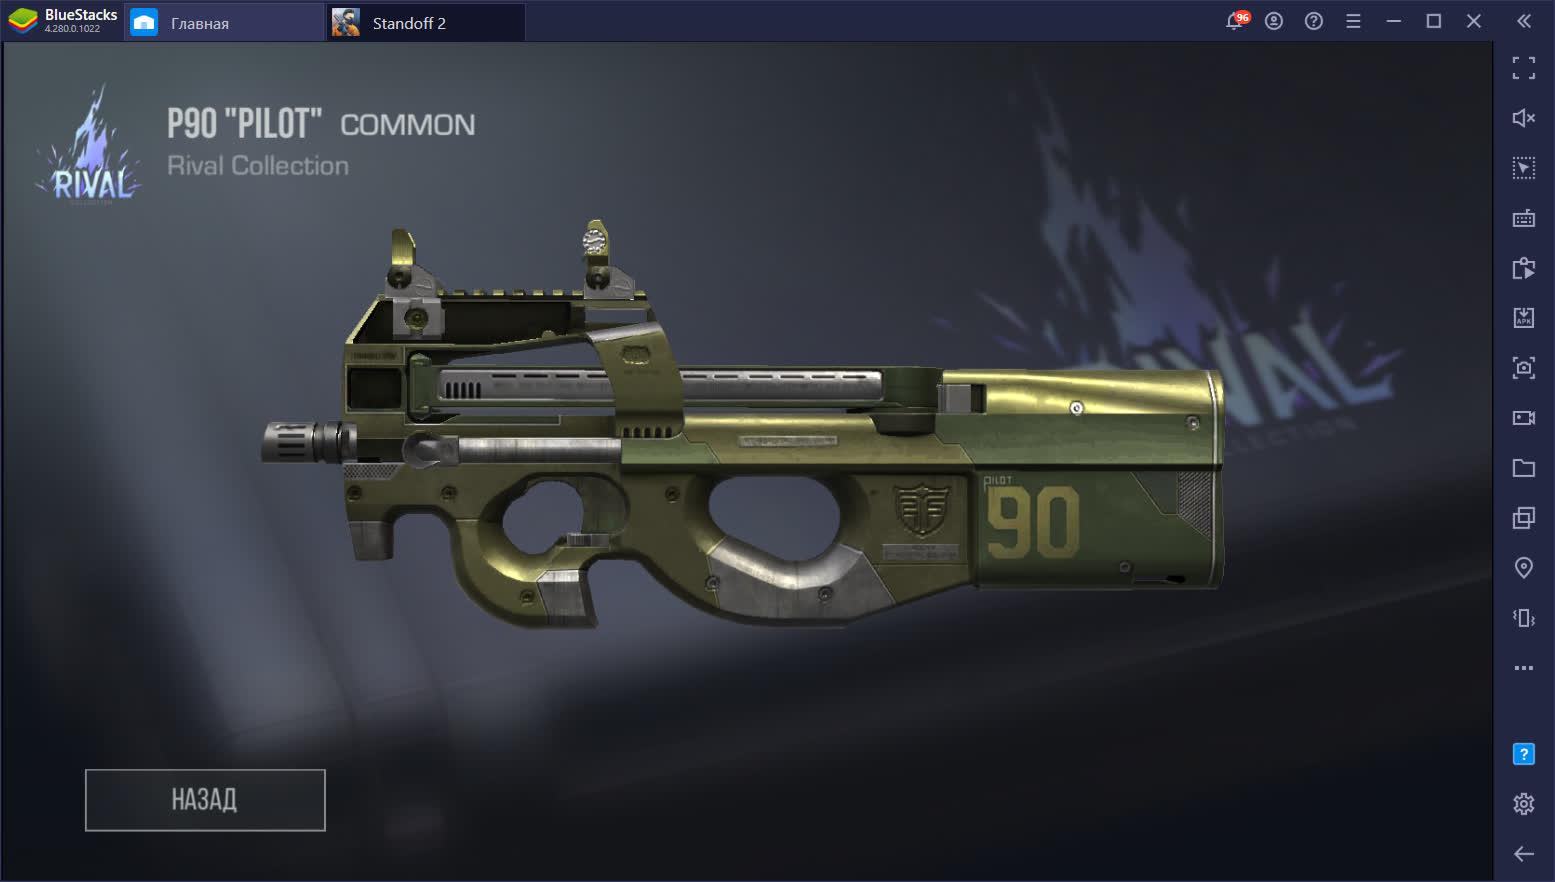 Обзор P90 в Standoff 2: характеристики, тактики игры и доступные скины